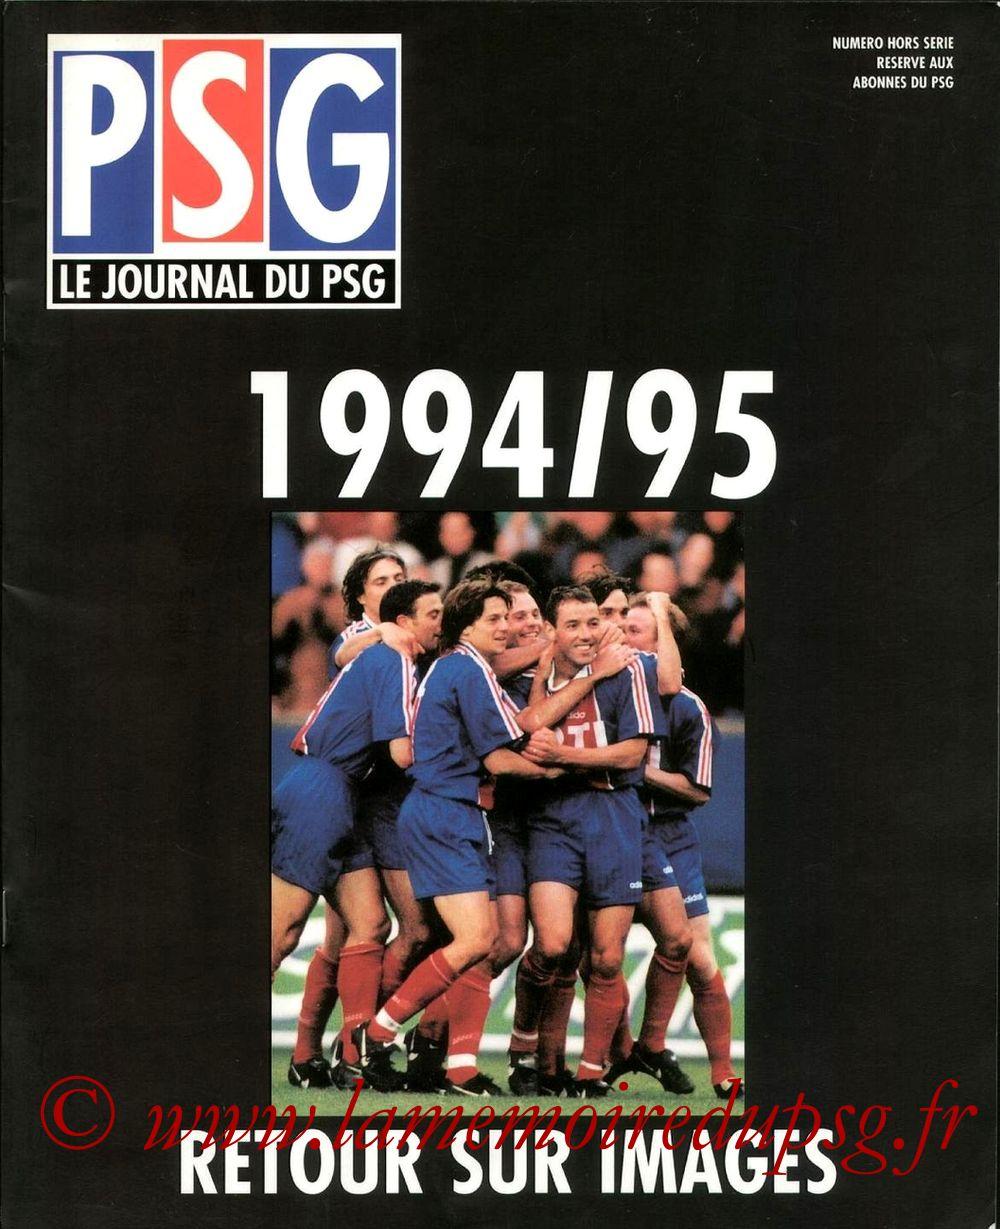 1995-06  Retour sur images 1994-95 (le journal du PSG HS réservé aux abonnés)